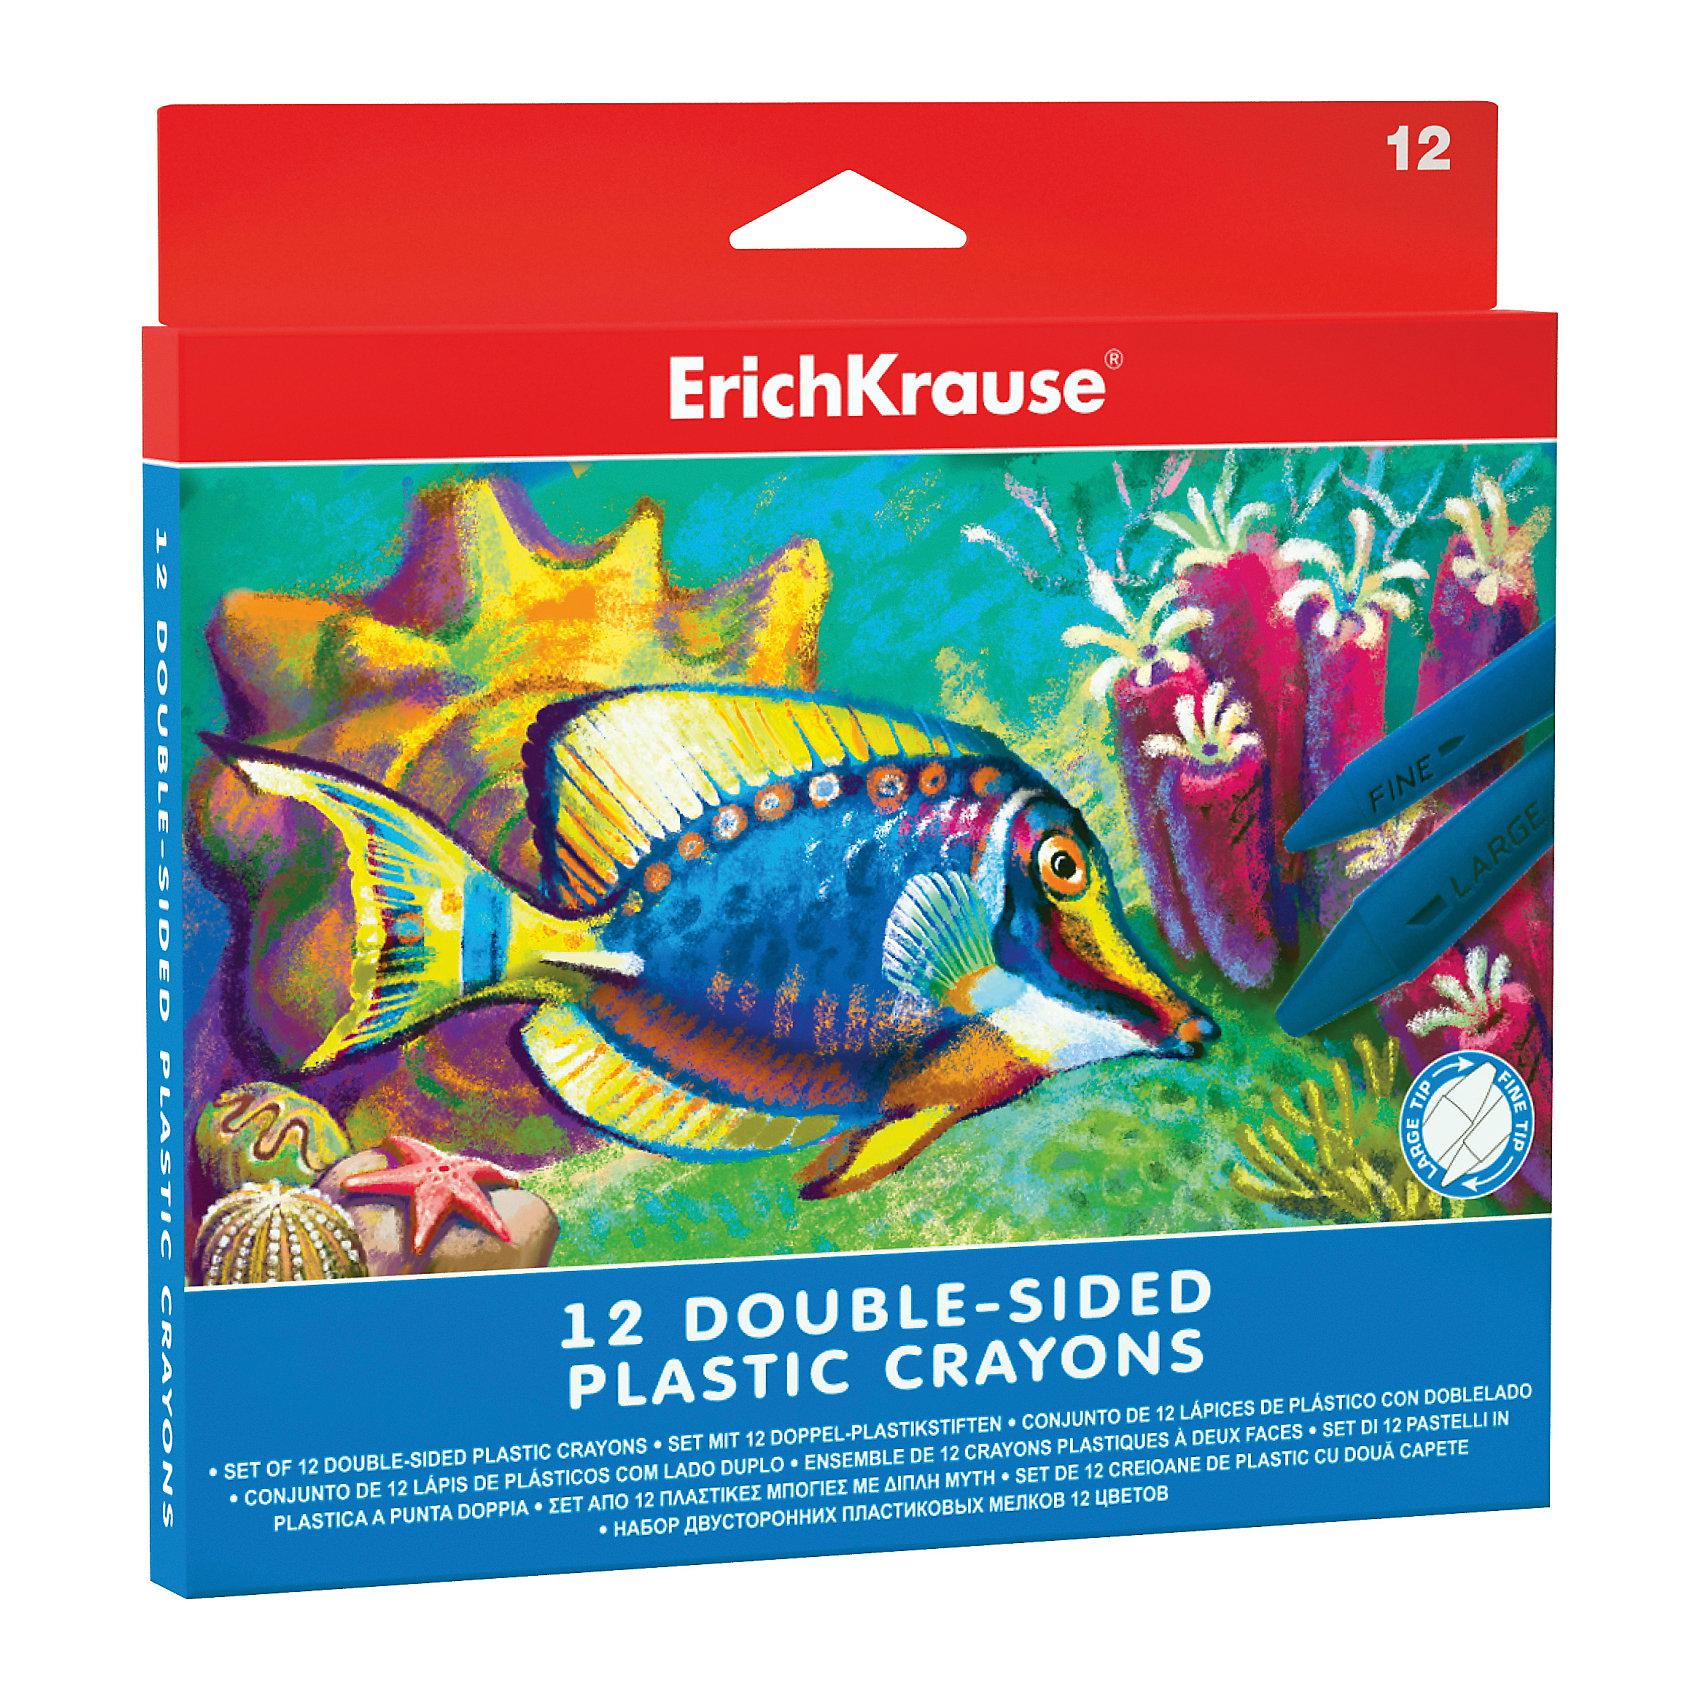 Двухсторонние пластиковые мелки ArtBerry, 12 цветовМасляные и восковые мелки<br>Характеристики товара:<br><br>• материал упаковки: пластик <br>• количество цветов: 12<br>• треугольная форма<br>• длина: 12 см<br>• возраст: от 3 лет<br>• вес: 137 г<br>• габариты упаковки: 16,3х16,4х1,3 см<br>• страна производитель: Китай<br><br>Мелки в пластиковой упаковке – альтернатива классическим мелкам. К преимуществам относится полное отсутствие возможности испачкать ручки. Данная модель двухсторонняя: в одном стержне находятся одновременно 2 цвета.<br><br>Двухсторонние пластиковые мелки ArtBerry, 12 цветов можно купить в нашем интернет-магазине.<br><br>Ширина мм: 163<br>Глубина мм: 164<br>Высота мм: 13<br>Вес г: 137<br>Возраст от месяцев: 36<br>Возраст до месяцев: 2147483647<br>Пол: Унисекс<br>Возраст: Детский<br>SKU: 5409248